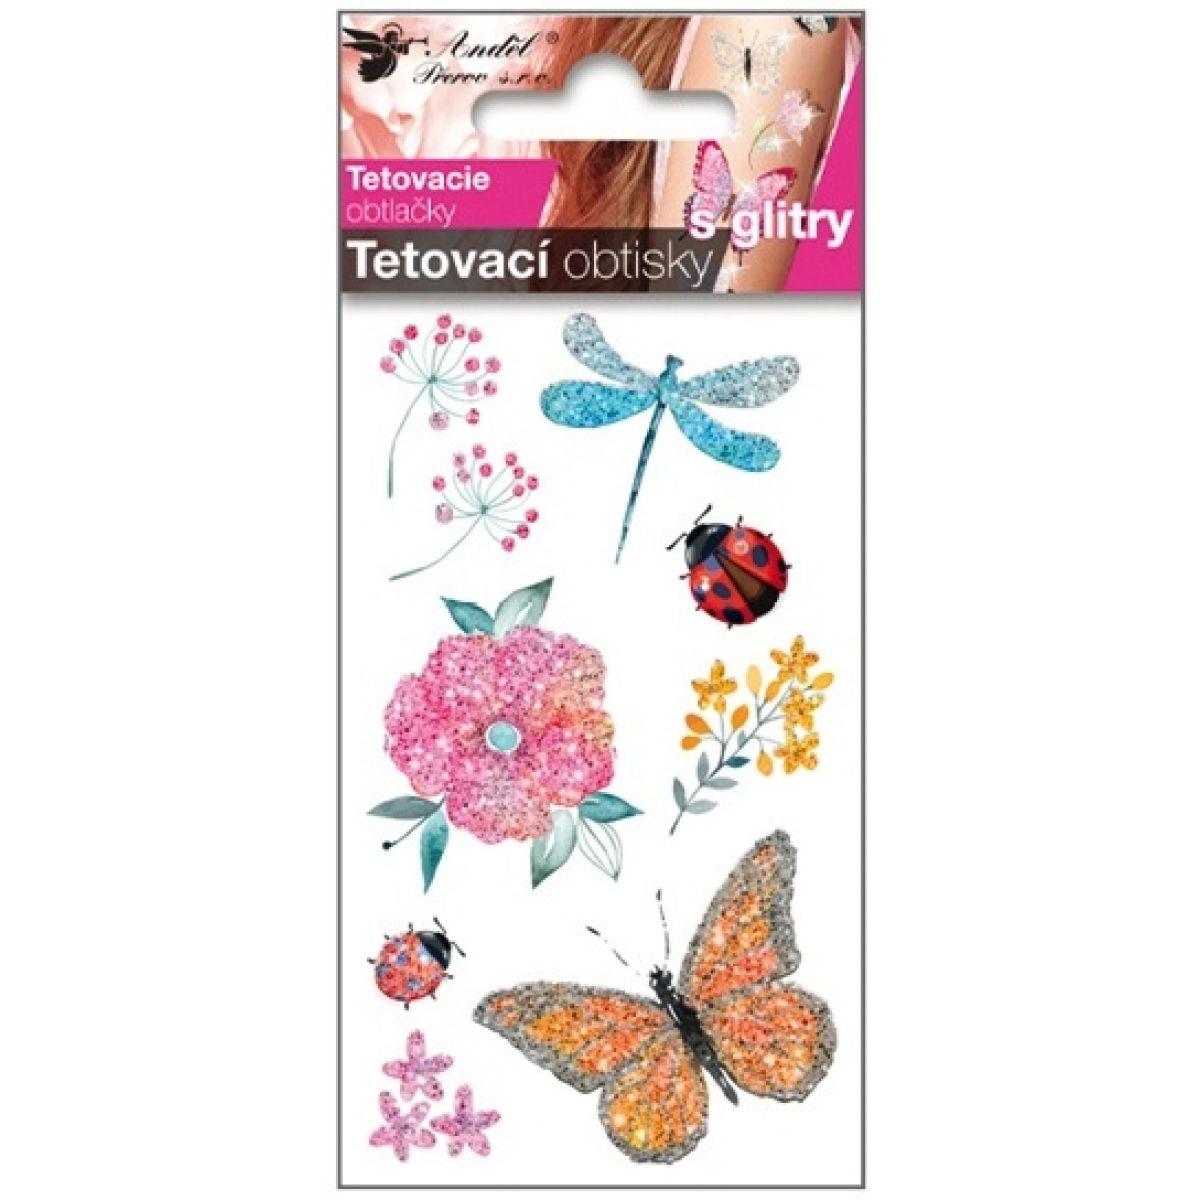 Tetovací obtisky s glitry 10,5x6 cm- s vážkou